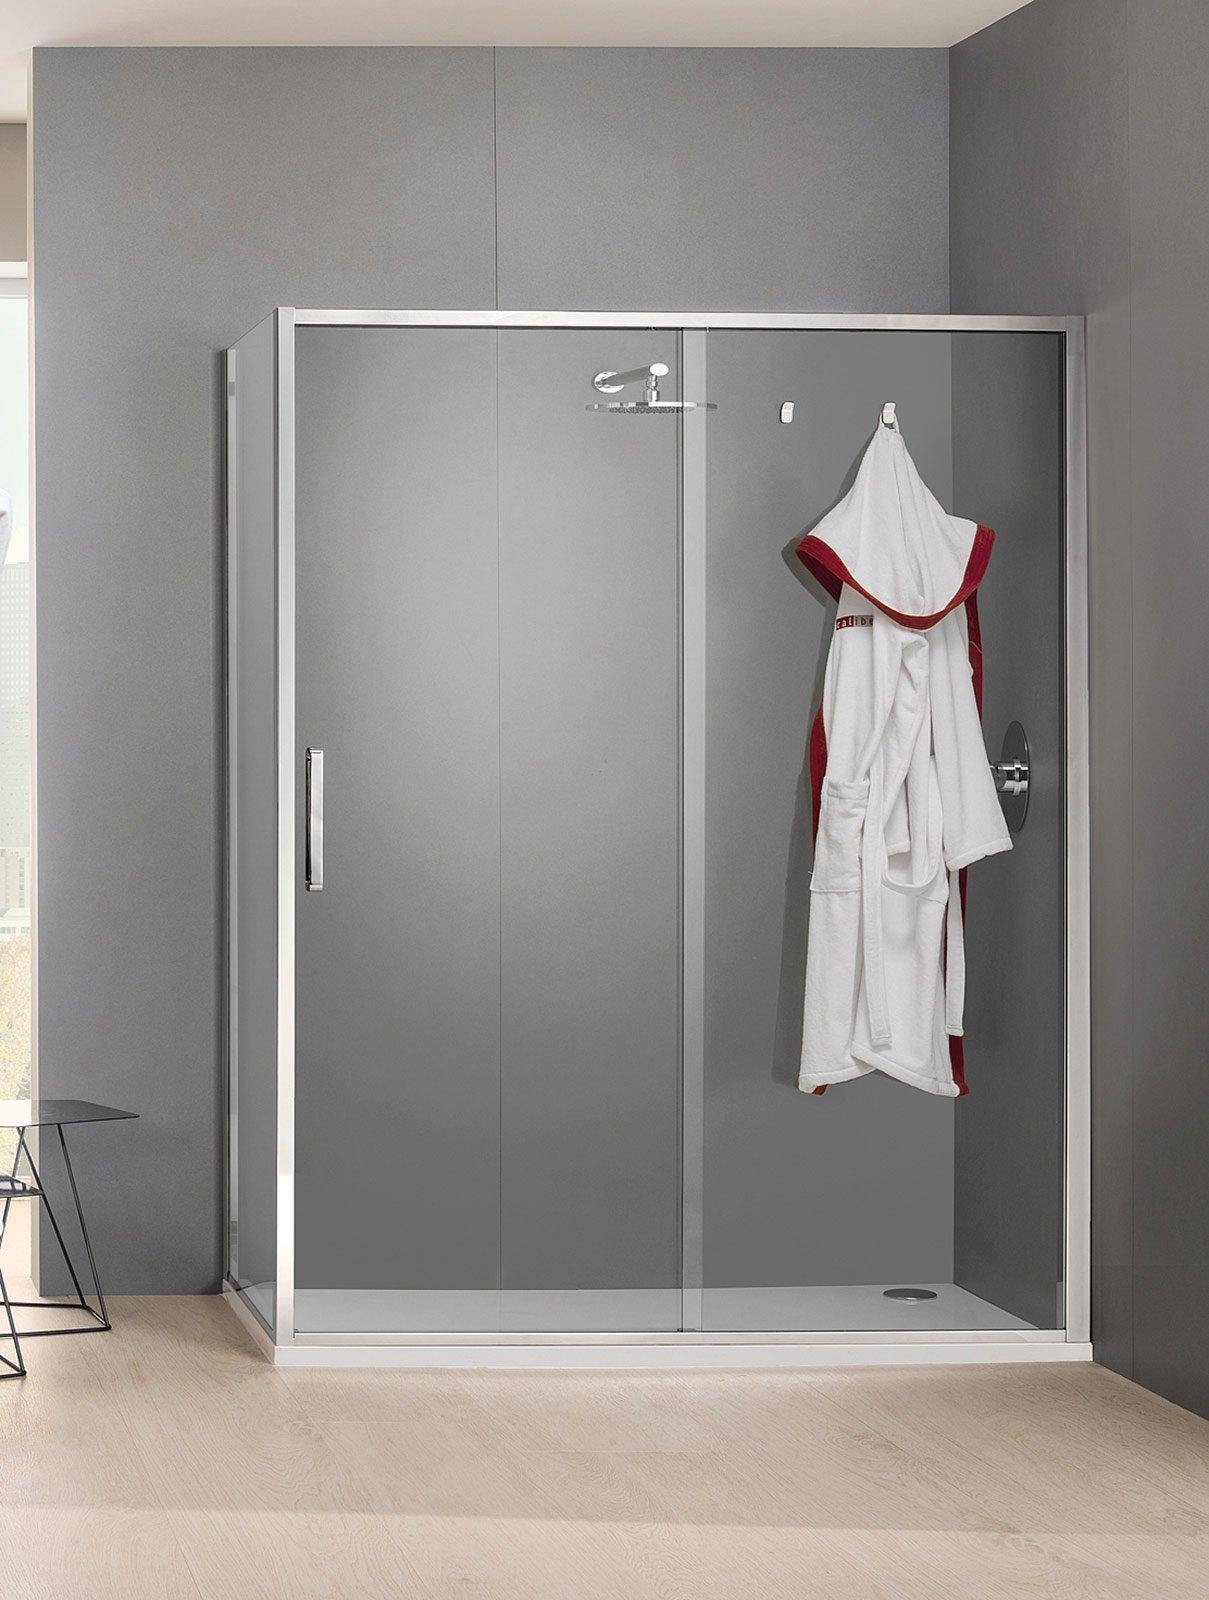 Bagno dettagli di design per la doccia cose di casa for Accessori doccia design